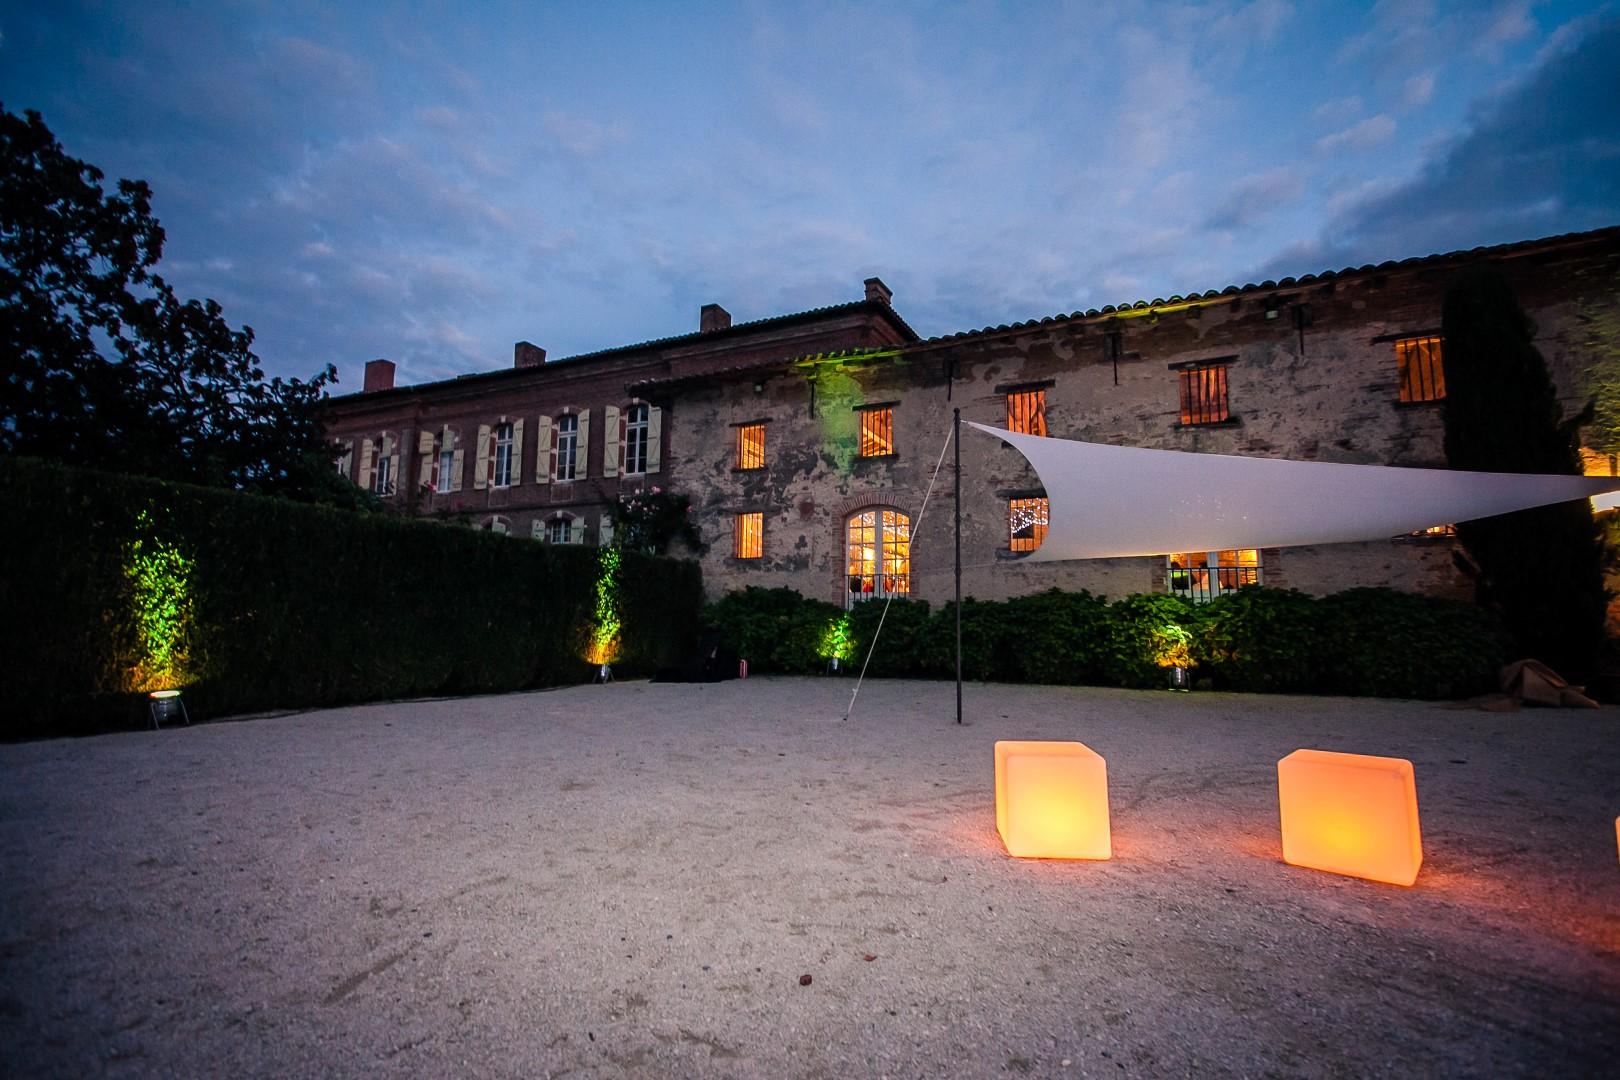 Eclairage verrière La Dolce Vita Organisation de Mariages Toulouse.jpg